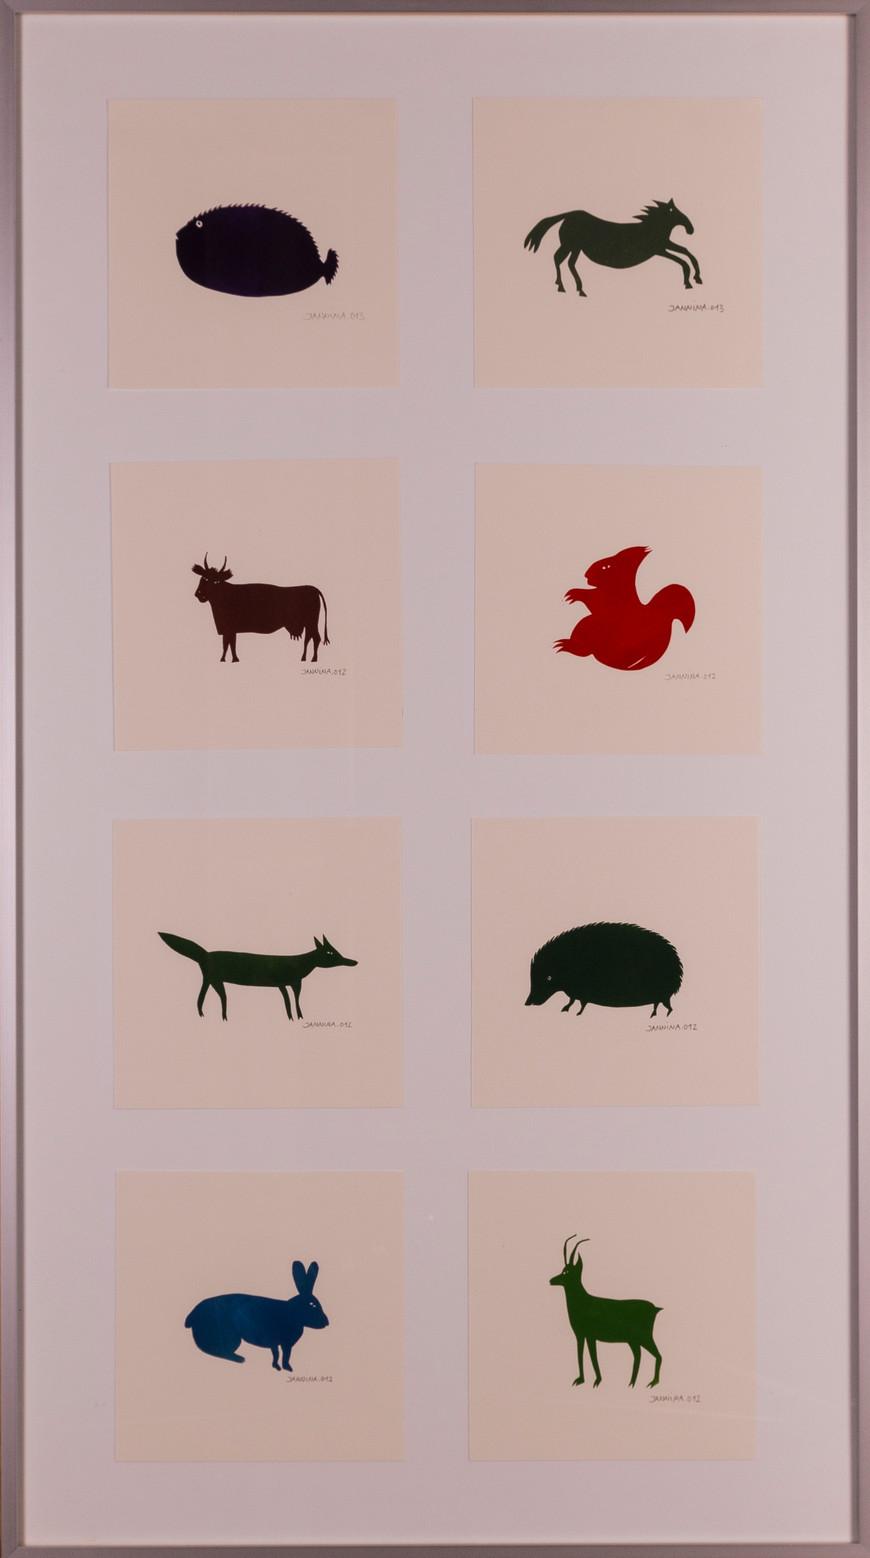 Vorschaubild des Kunstwerks 'Tiere' aus dem Verleih der Artothek Hallstadt.